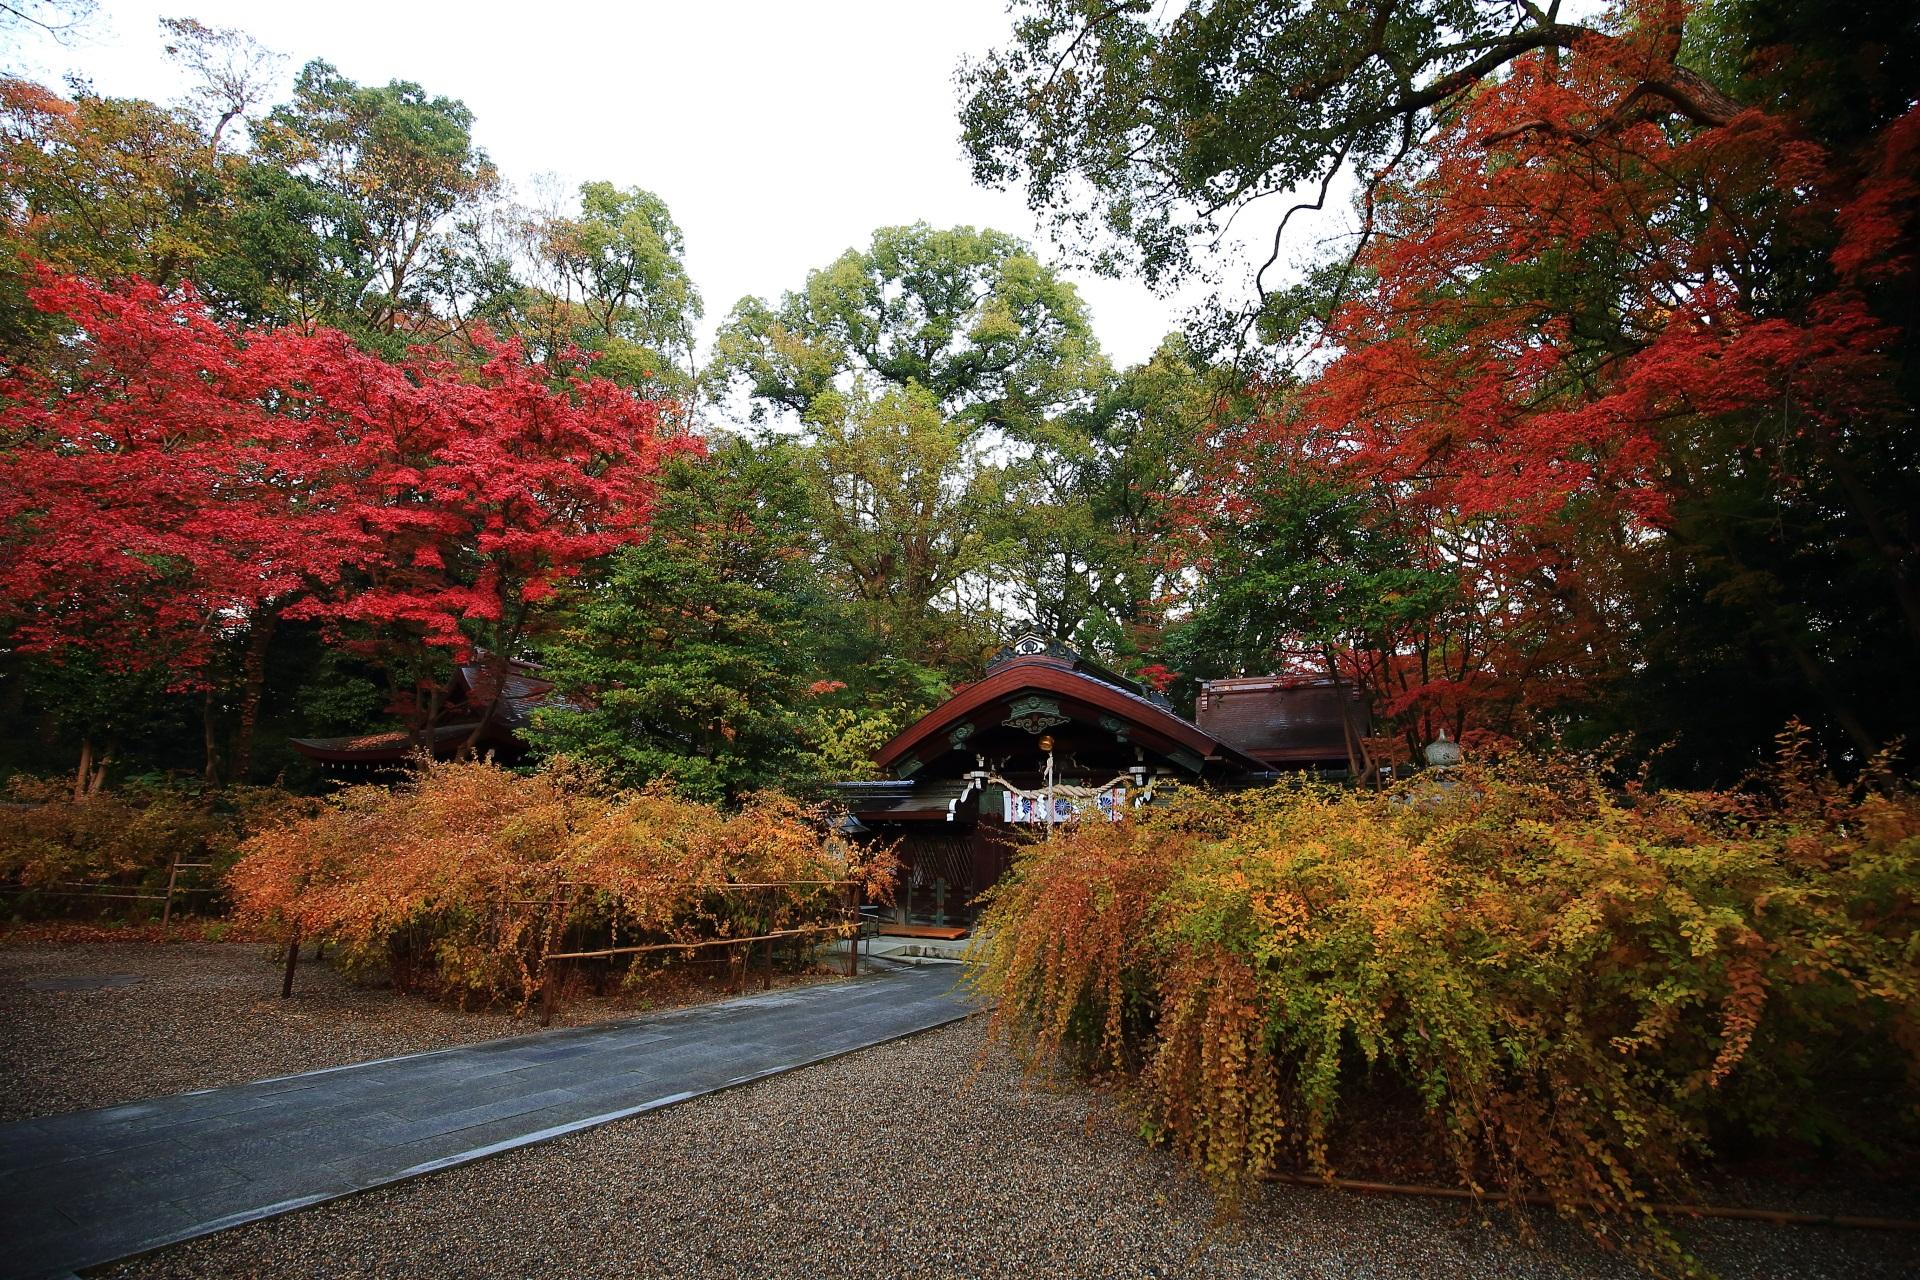 本殿を彩る鮮やかな赤い紅葉